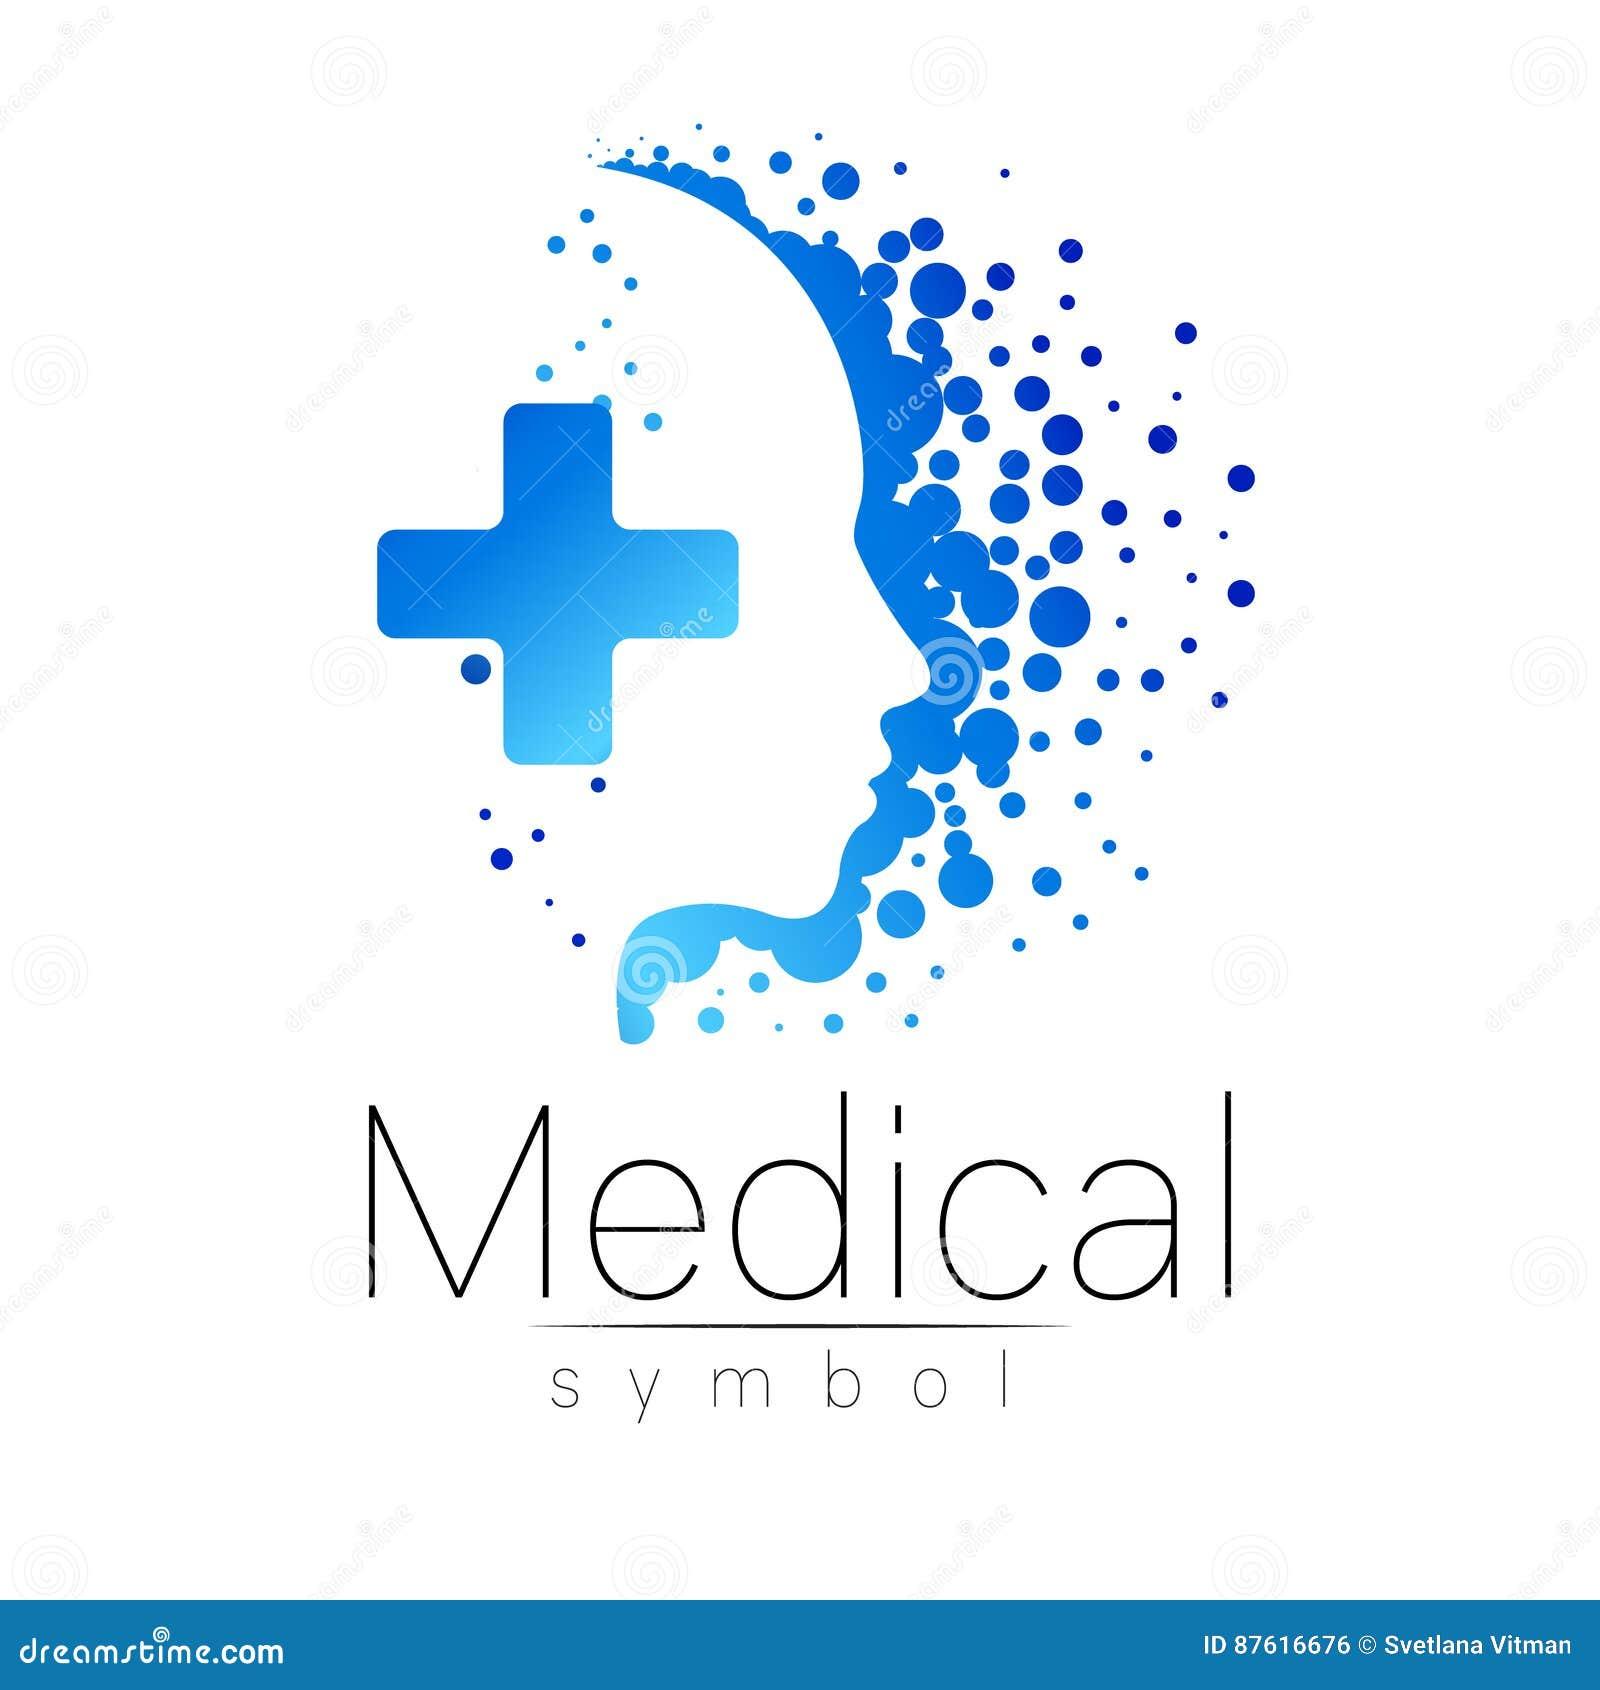 Dirigez Le Signe Mdical Avec La Croix Lintrieur Profil Humain Symbole Pour Des Mdecins Site Web Carte De Visite Icne Couleur Bleue Conception